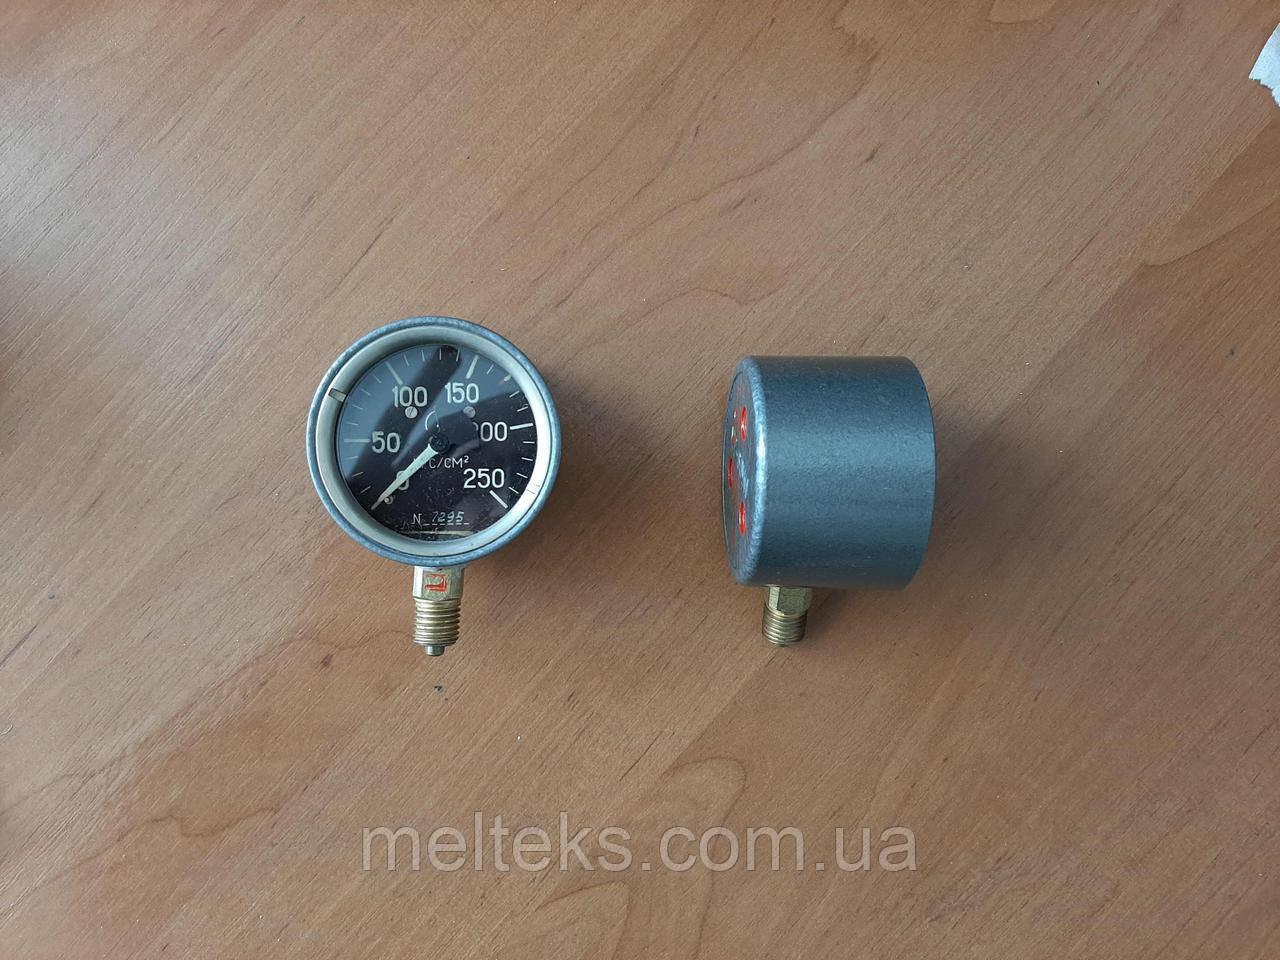 Манометры МТ-60УП 250 кг